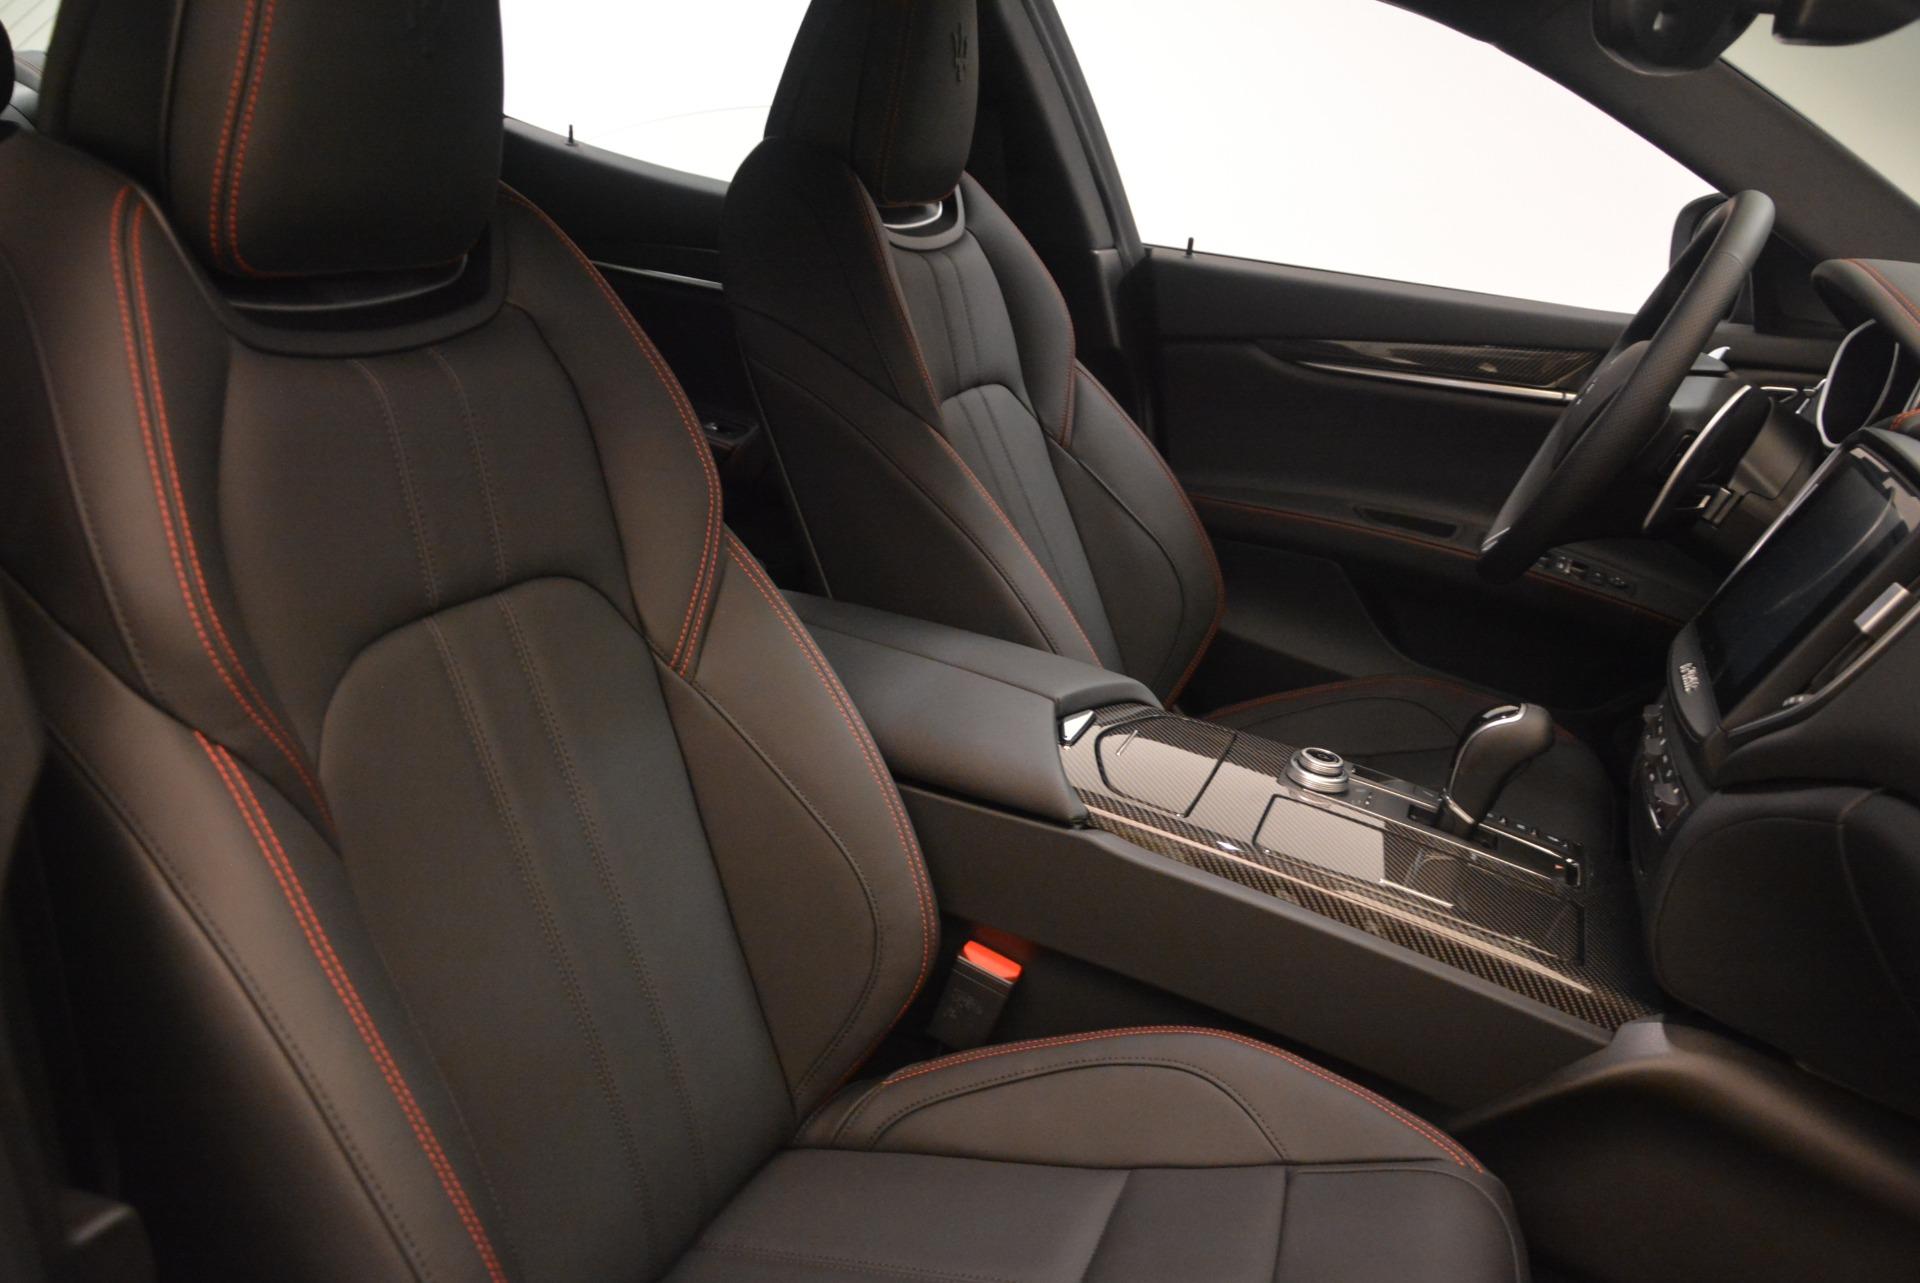 New 2018 Maserati Ghibli SQ4 GranSport Nerissimo For Sale In Greenwich, CT 2368_p18